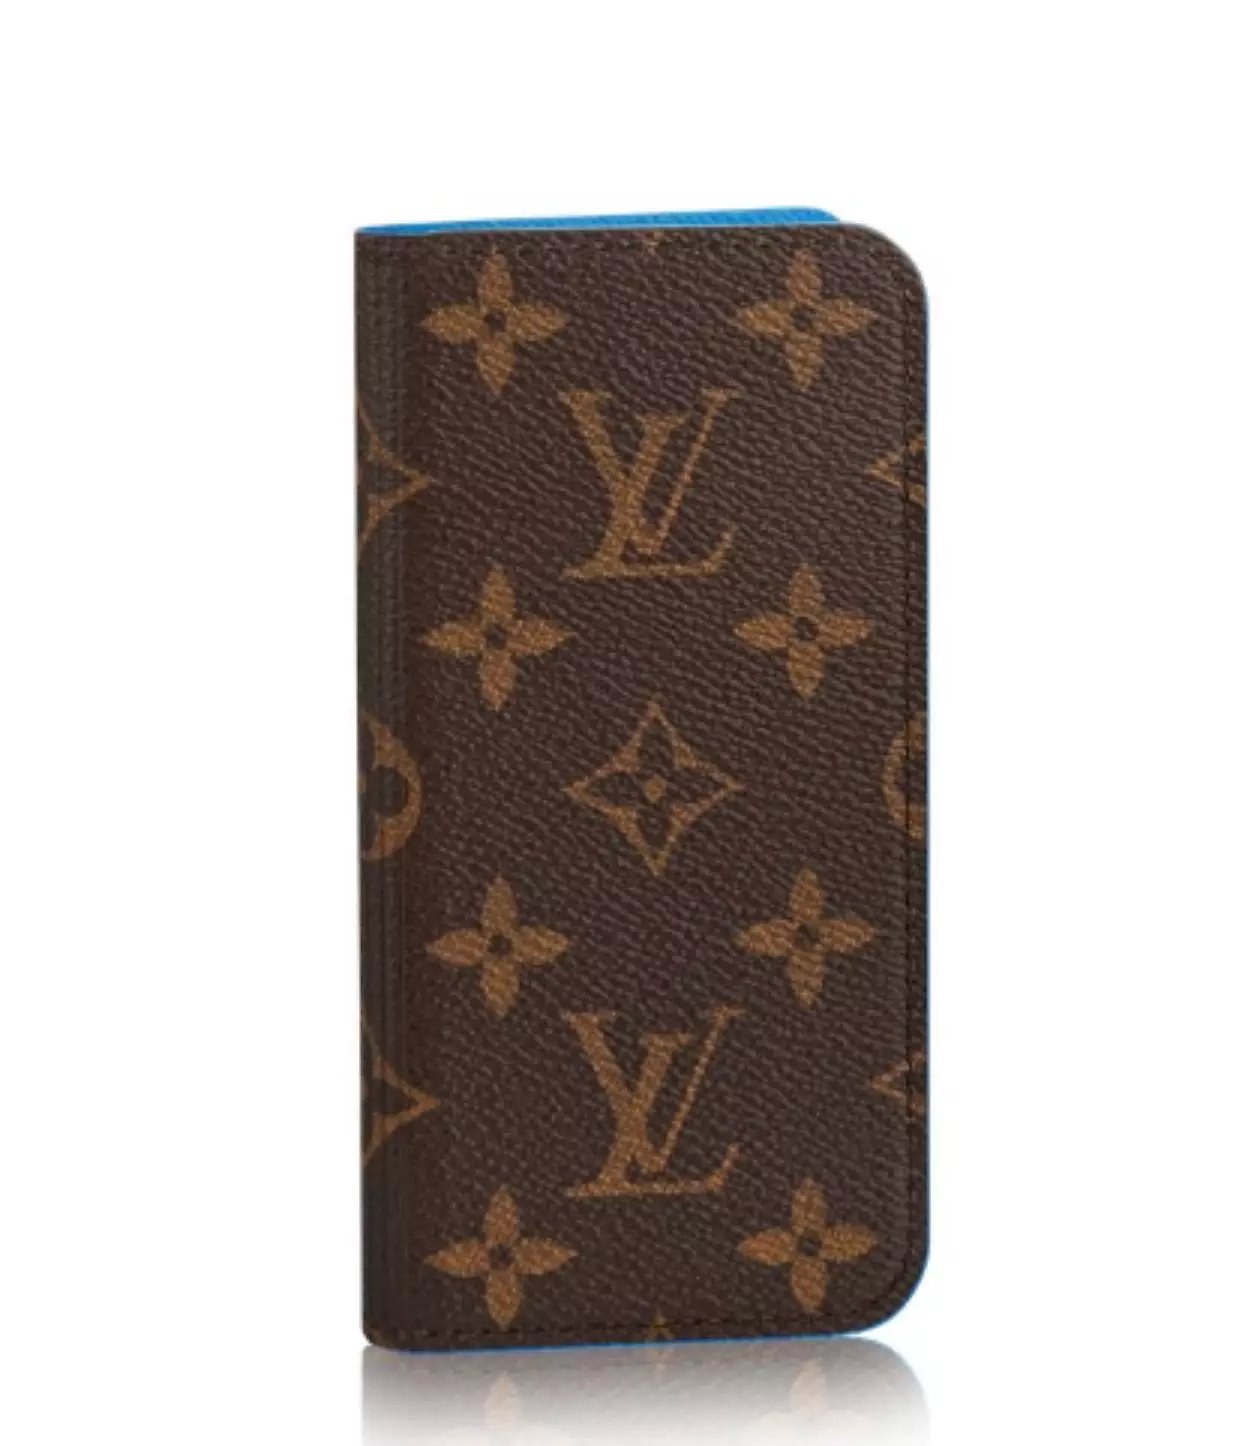 die besten iphone hüllen hülle für iphone Louis Vuitton iphone6s hülle bester schutz für iphone 6s iphone ca6s 6slbst gestalten günstig iphone 6s tasche 6slbst gestalten apple leder ca6s iphone 6s hülle bedrucken iphone schutzhülle test